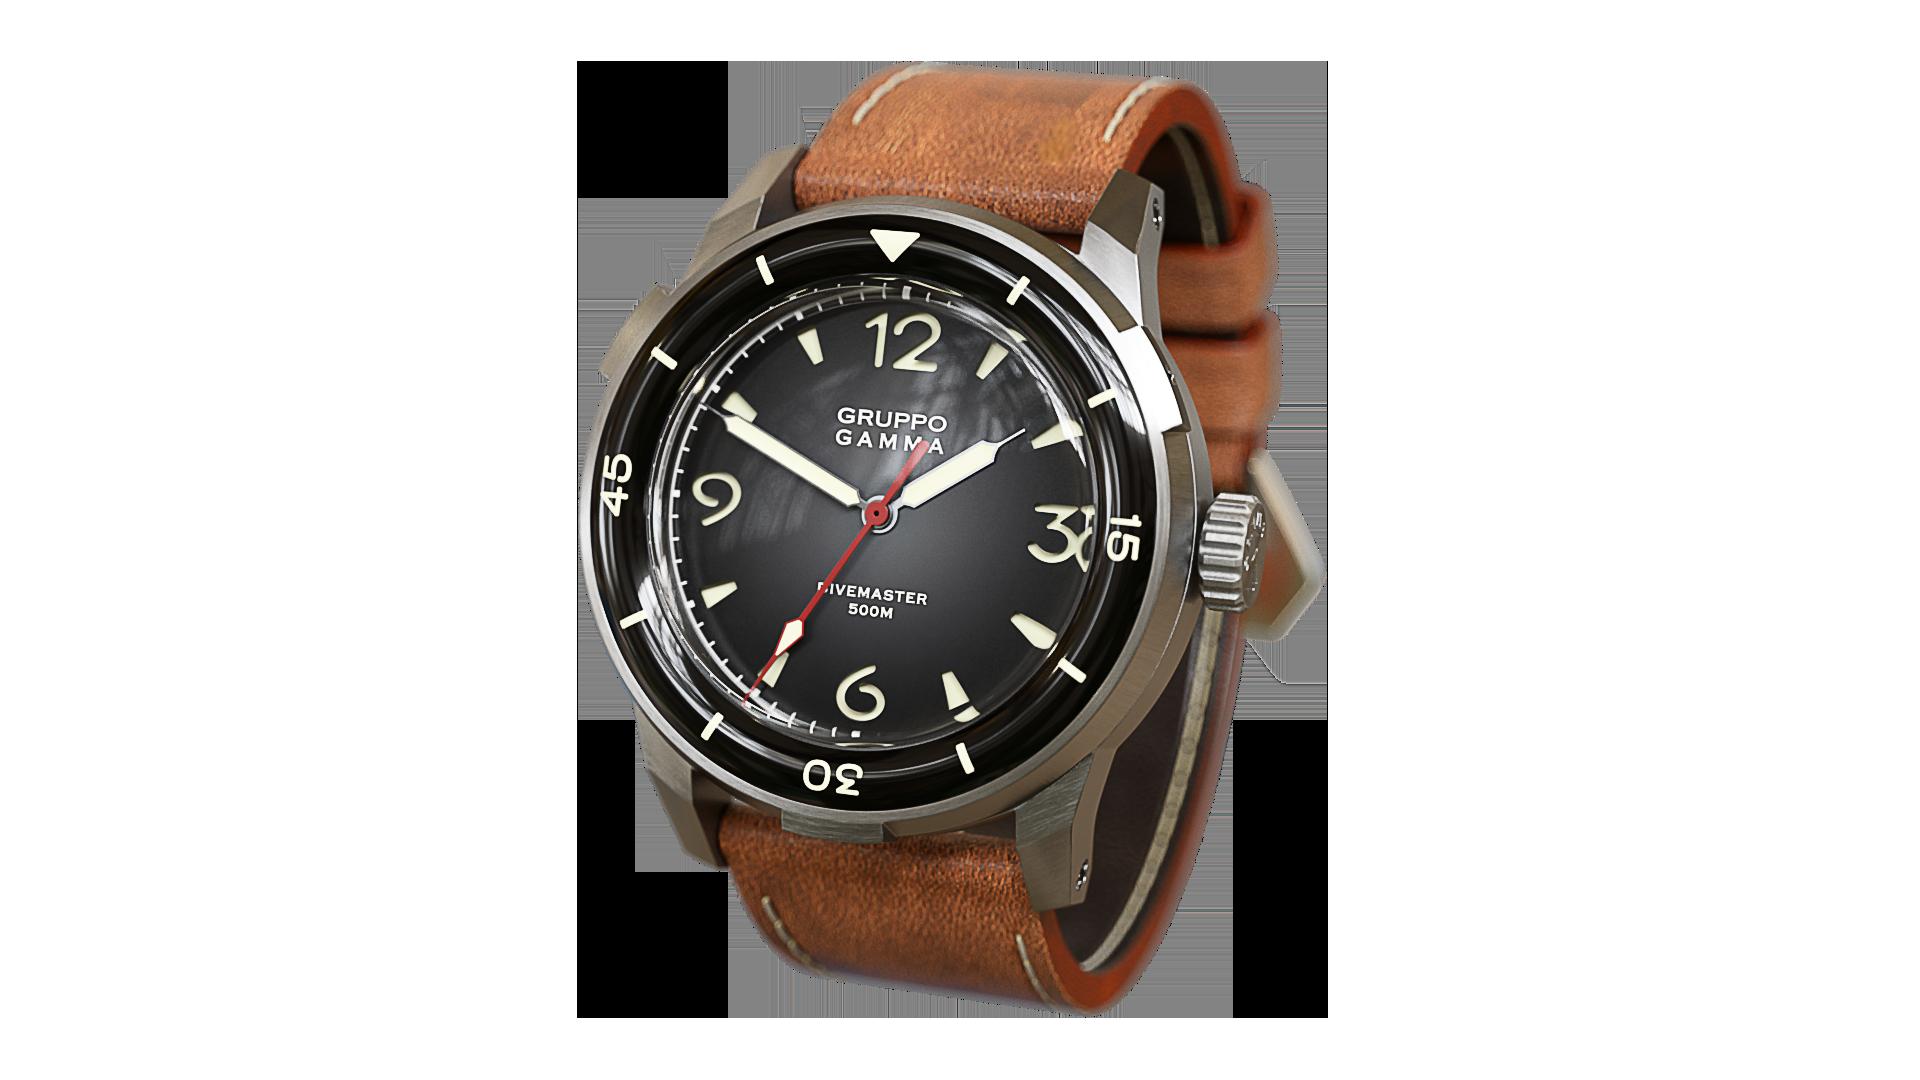 Divemaster DG-02 Preordine / Preorder 00044